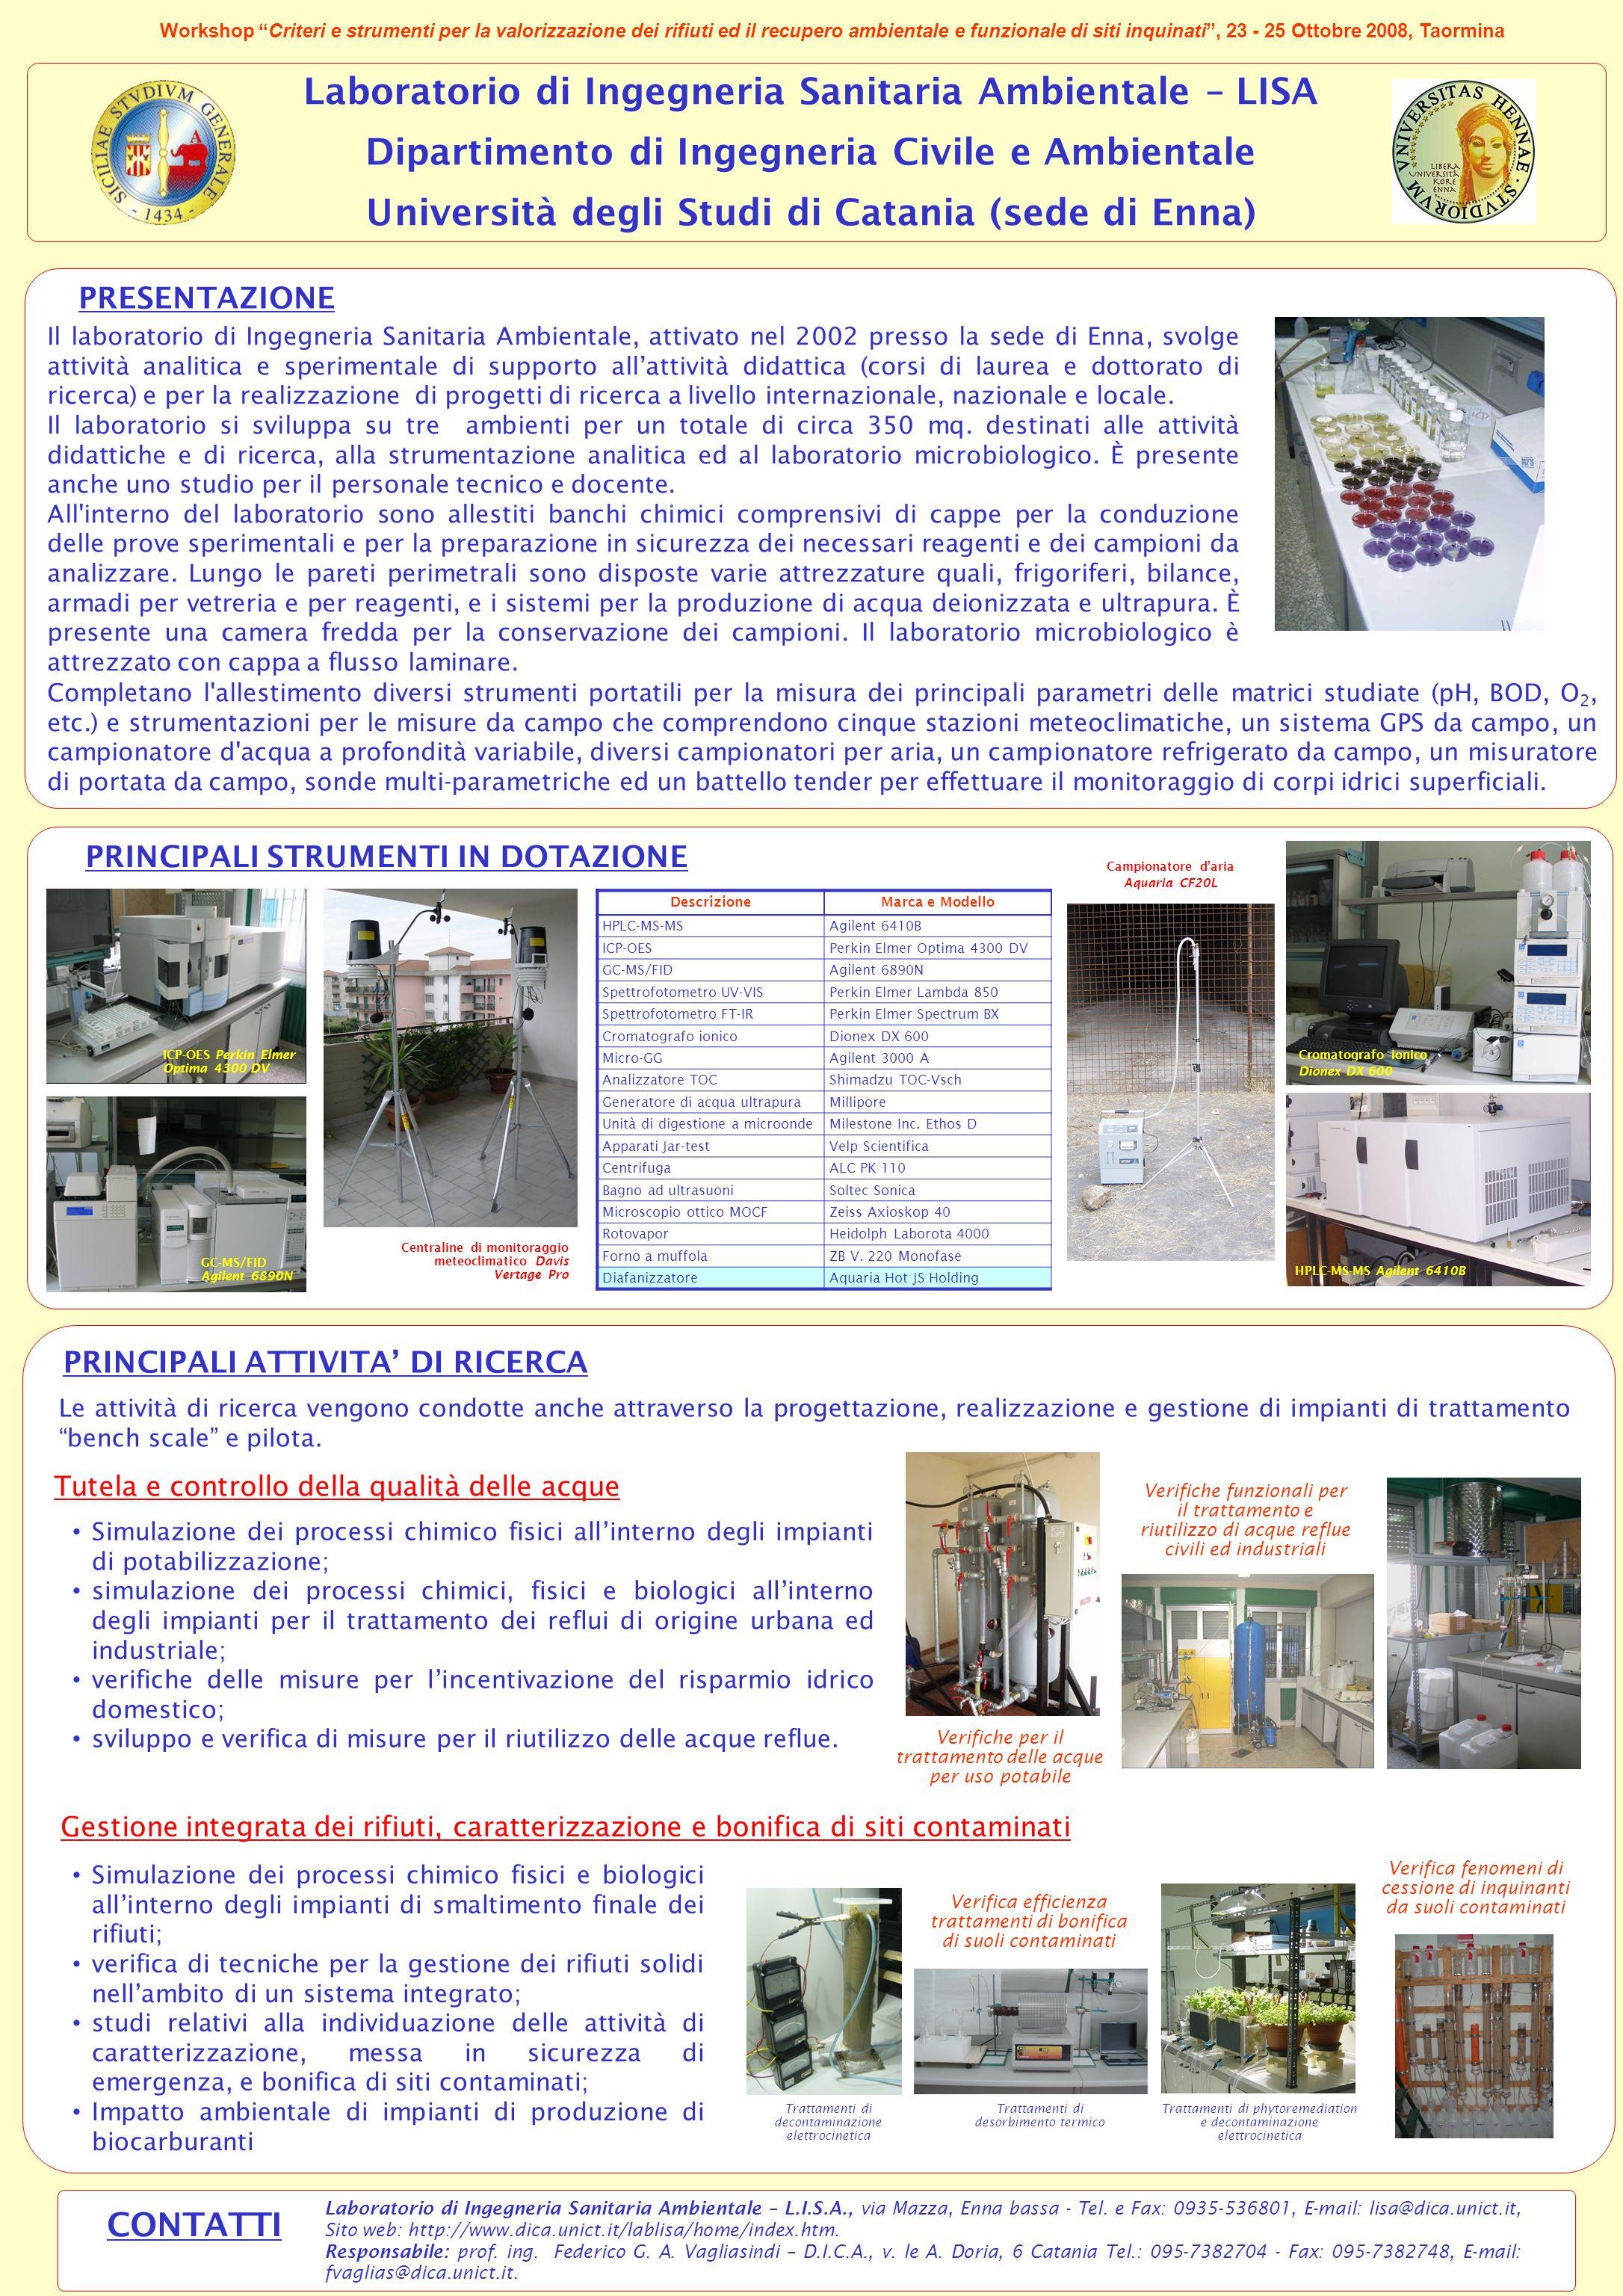 Laboratorio di Ingegneria Sanitaria Ambientale – LISA Dipartimento di Ingegneria Civile e Ambientale Università degli Studi di Catania (sede di Enna)